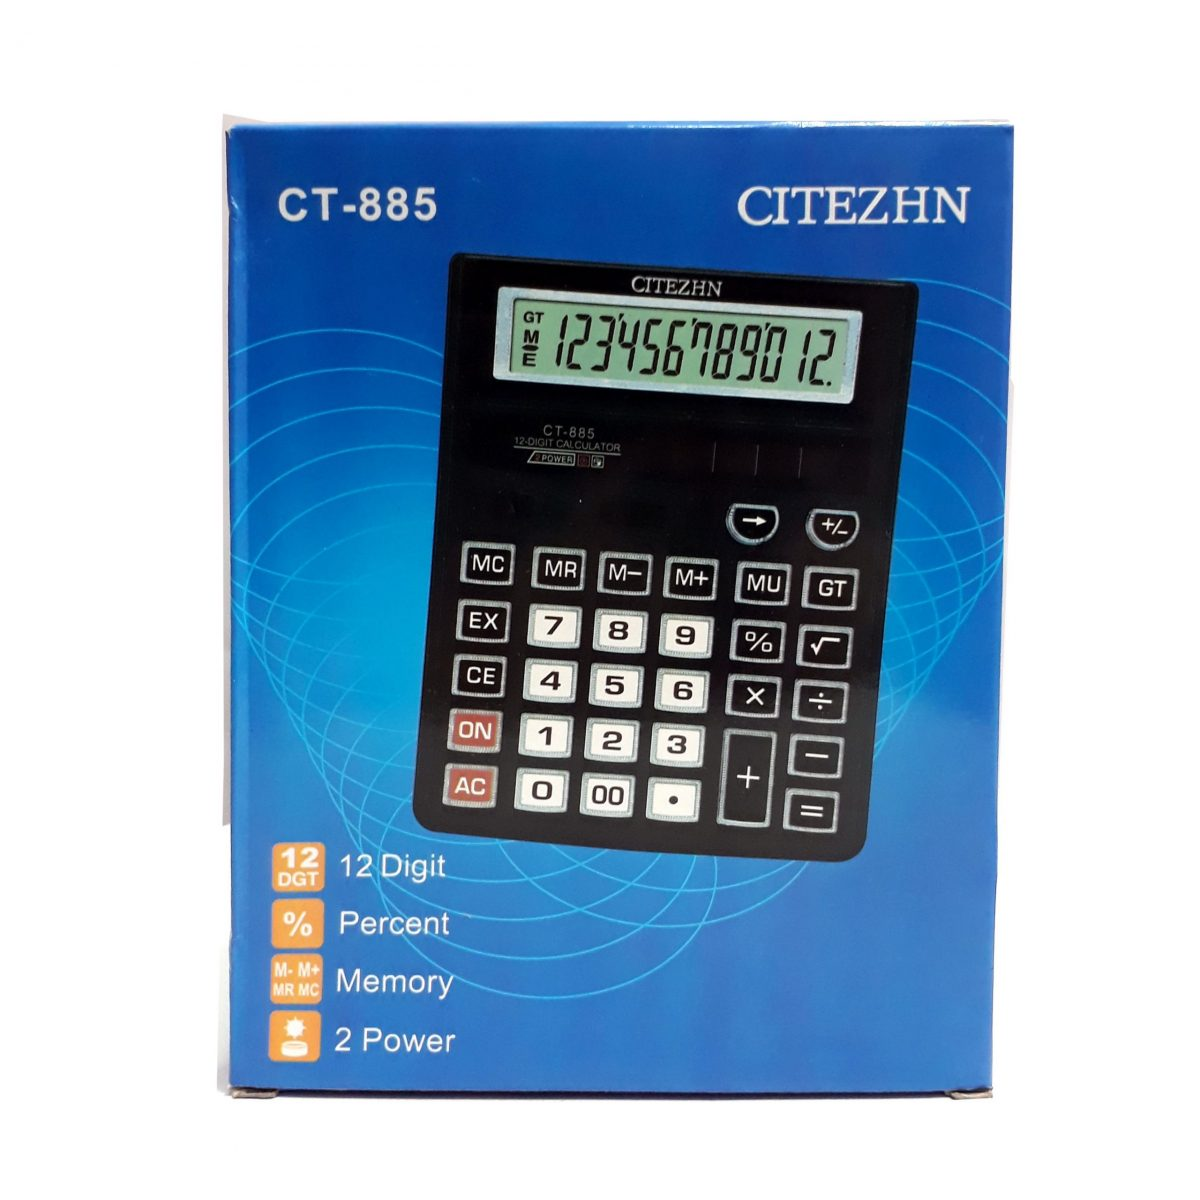 ماشین حساب ct-885